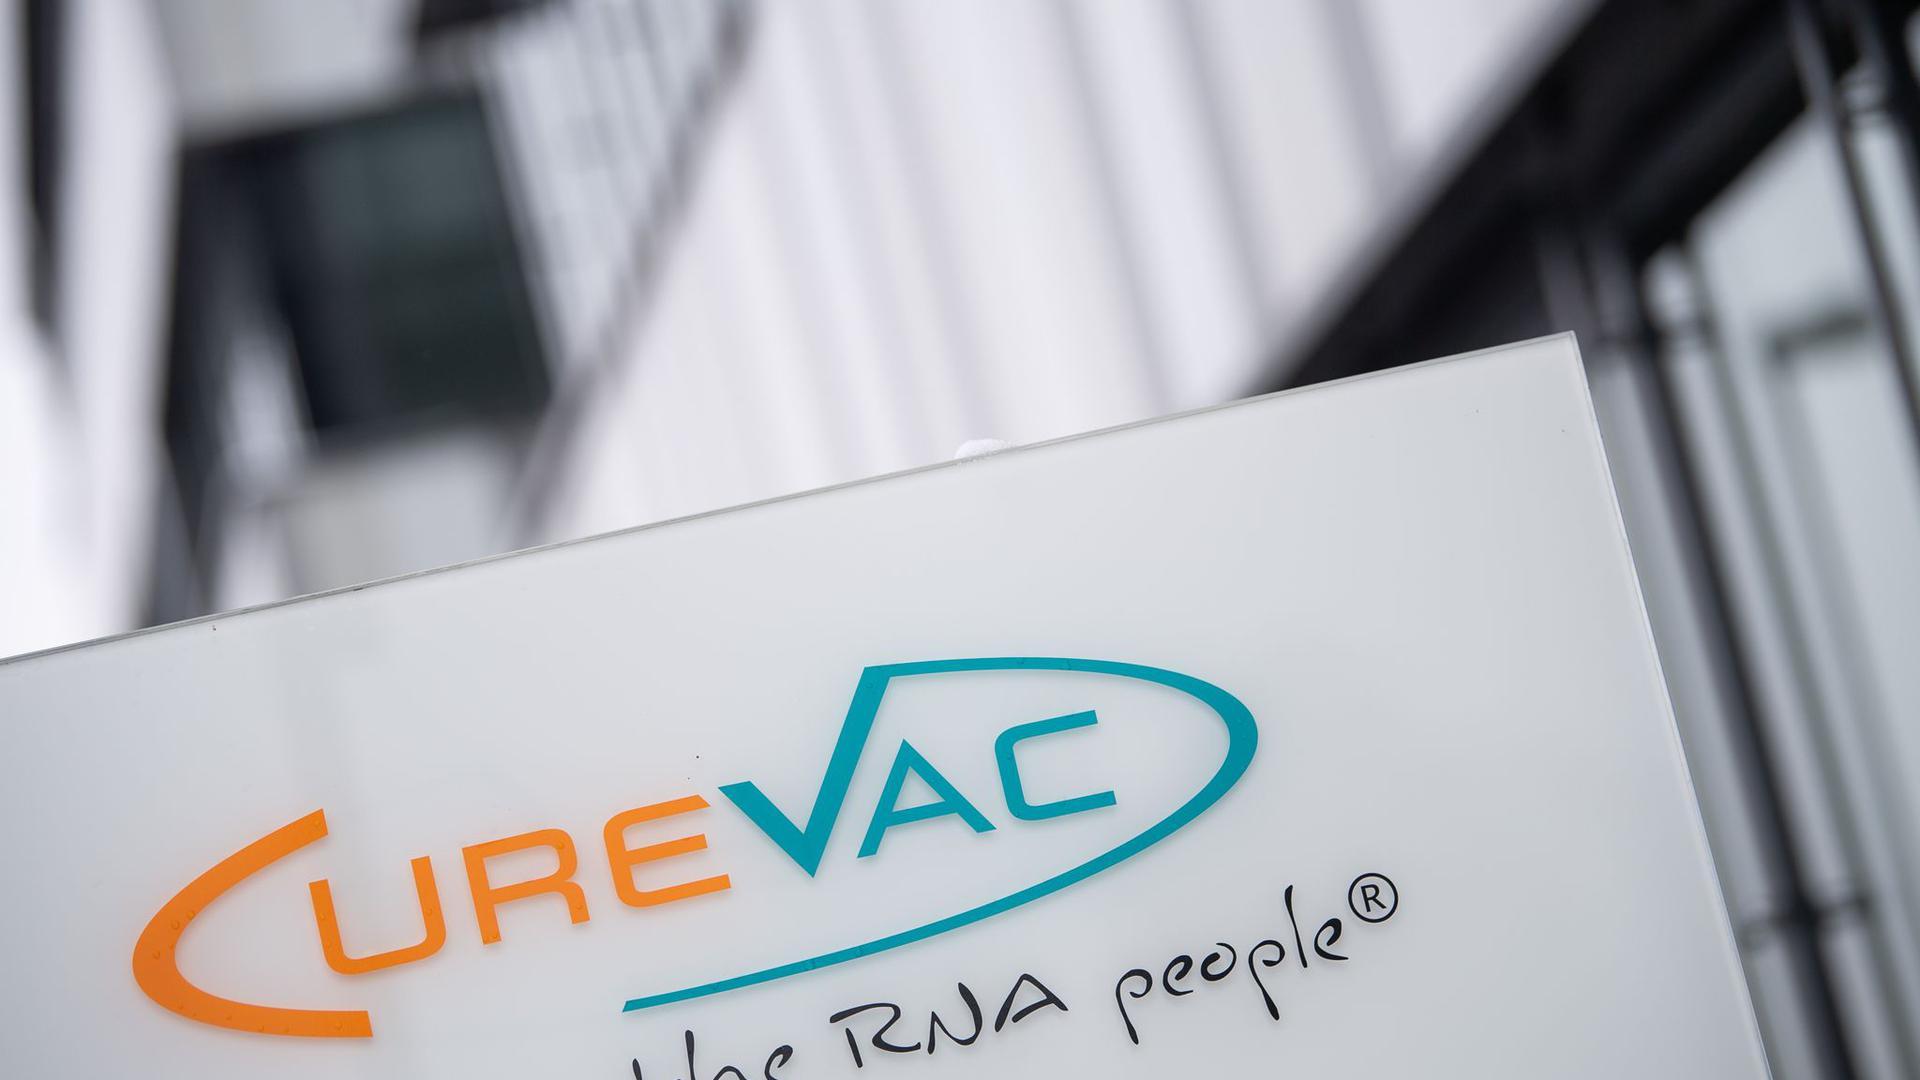 Das Logo des Biotech-Unternehmens Curevac steht an der Unternehmenszentrale.